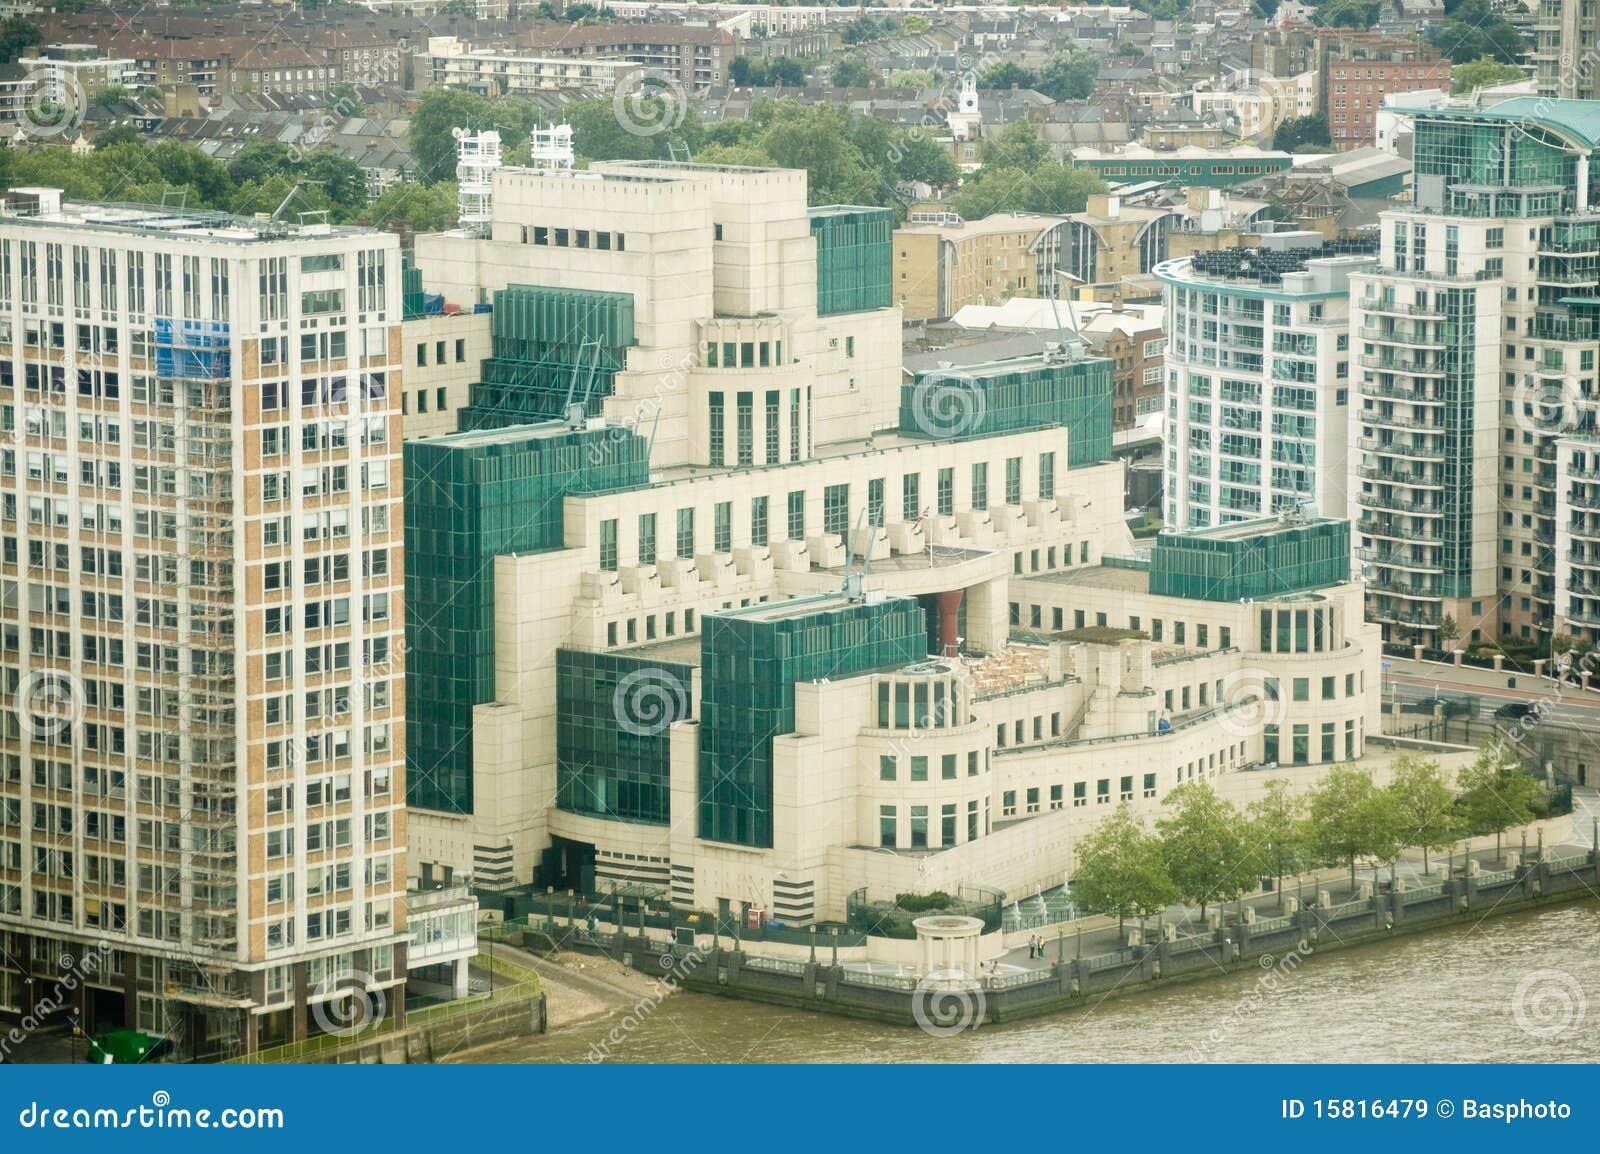 Google Hoofdkwartier Londen : Het geheime hoofdkwartier van de dienst londen stock afbeelding